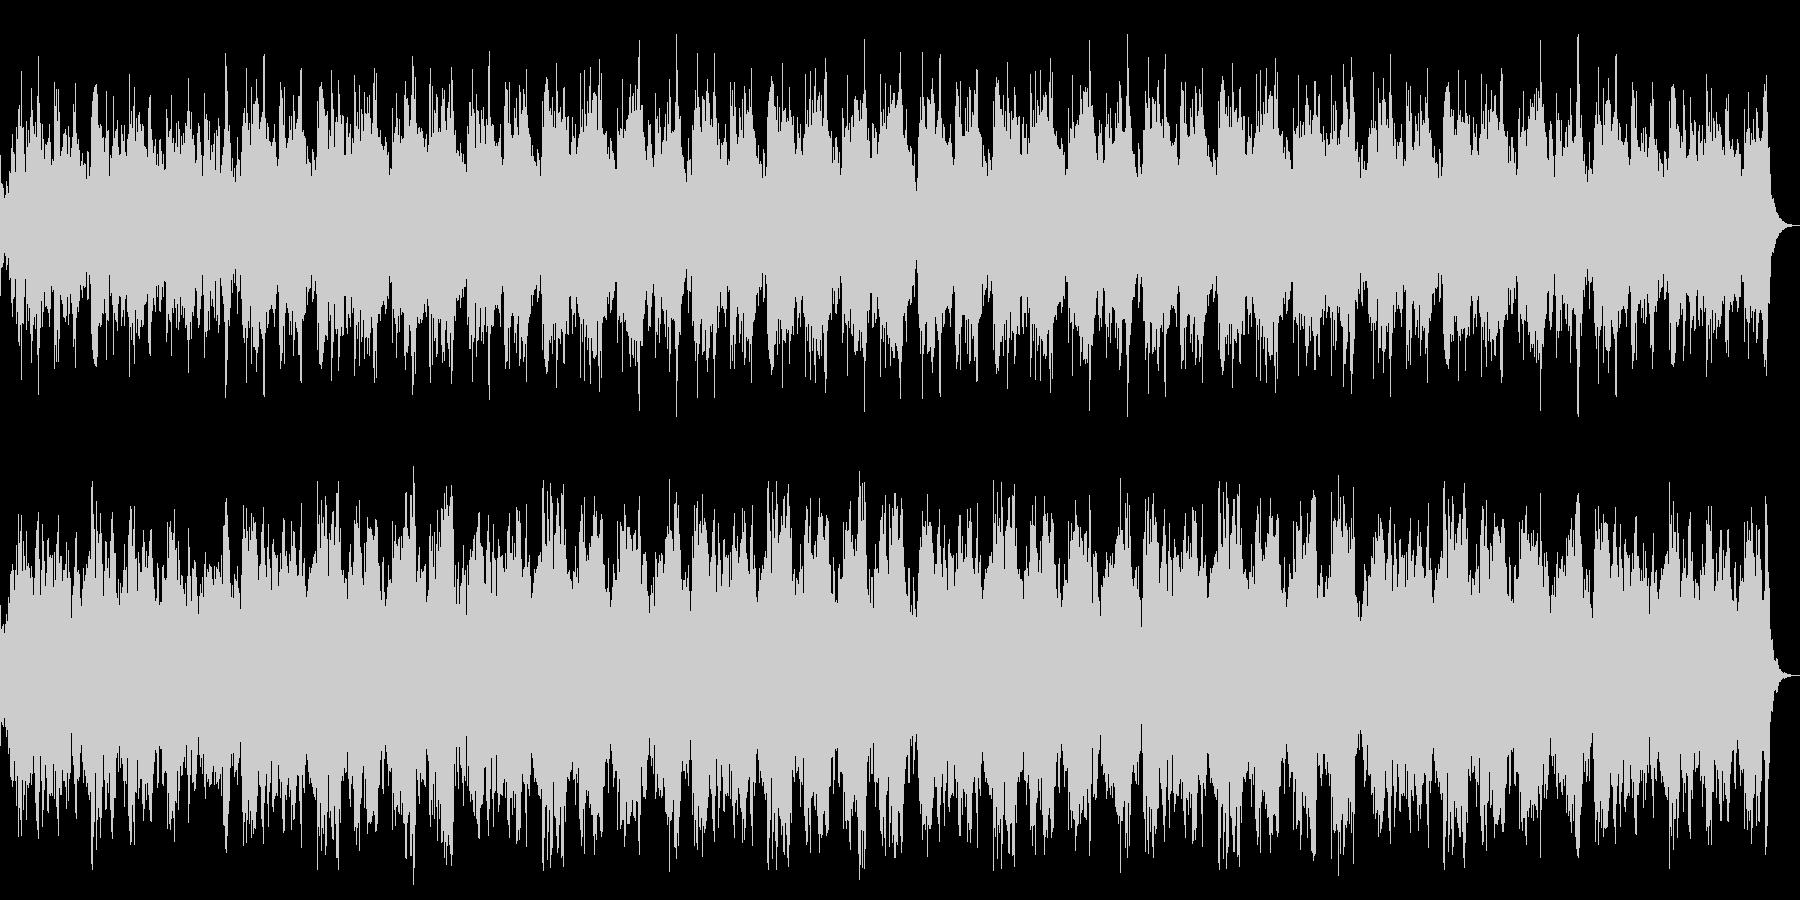 ダーク、ホラー、恐怖の演出 ストリングスの未再生の波形